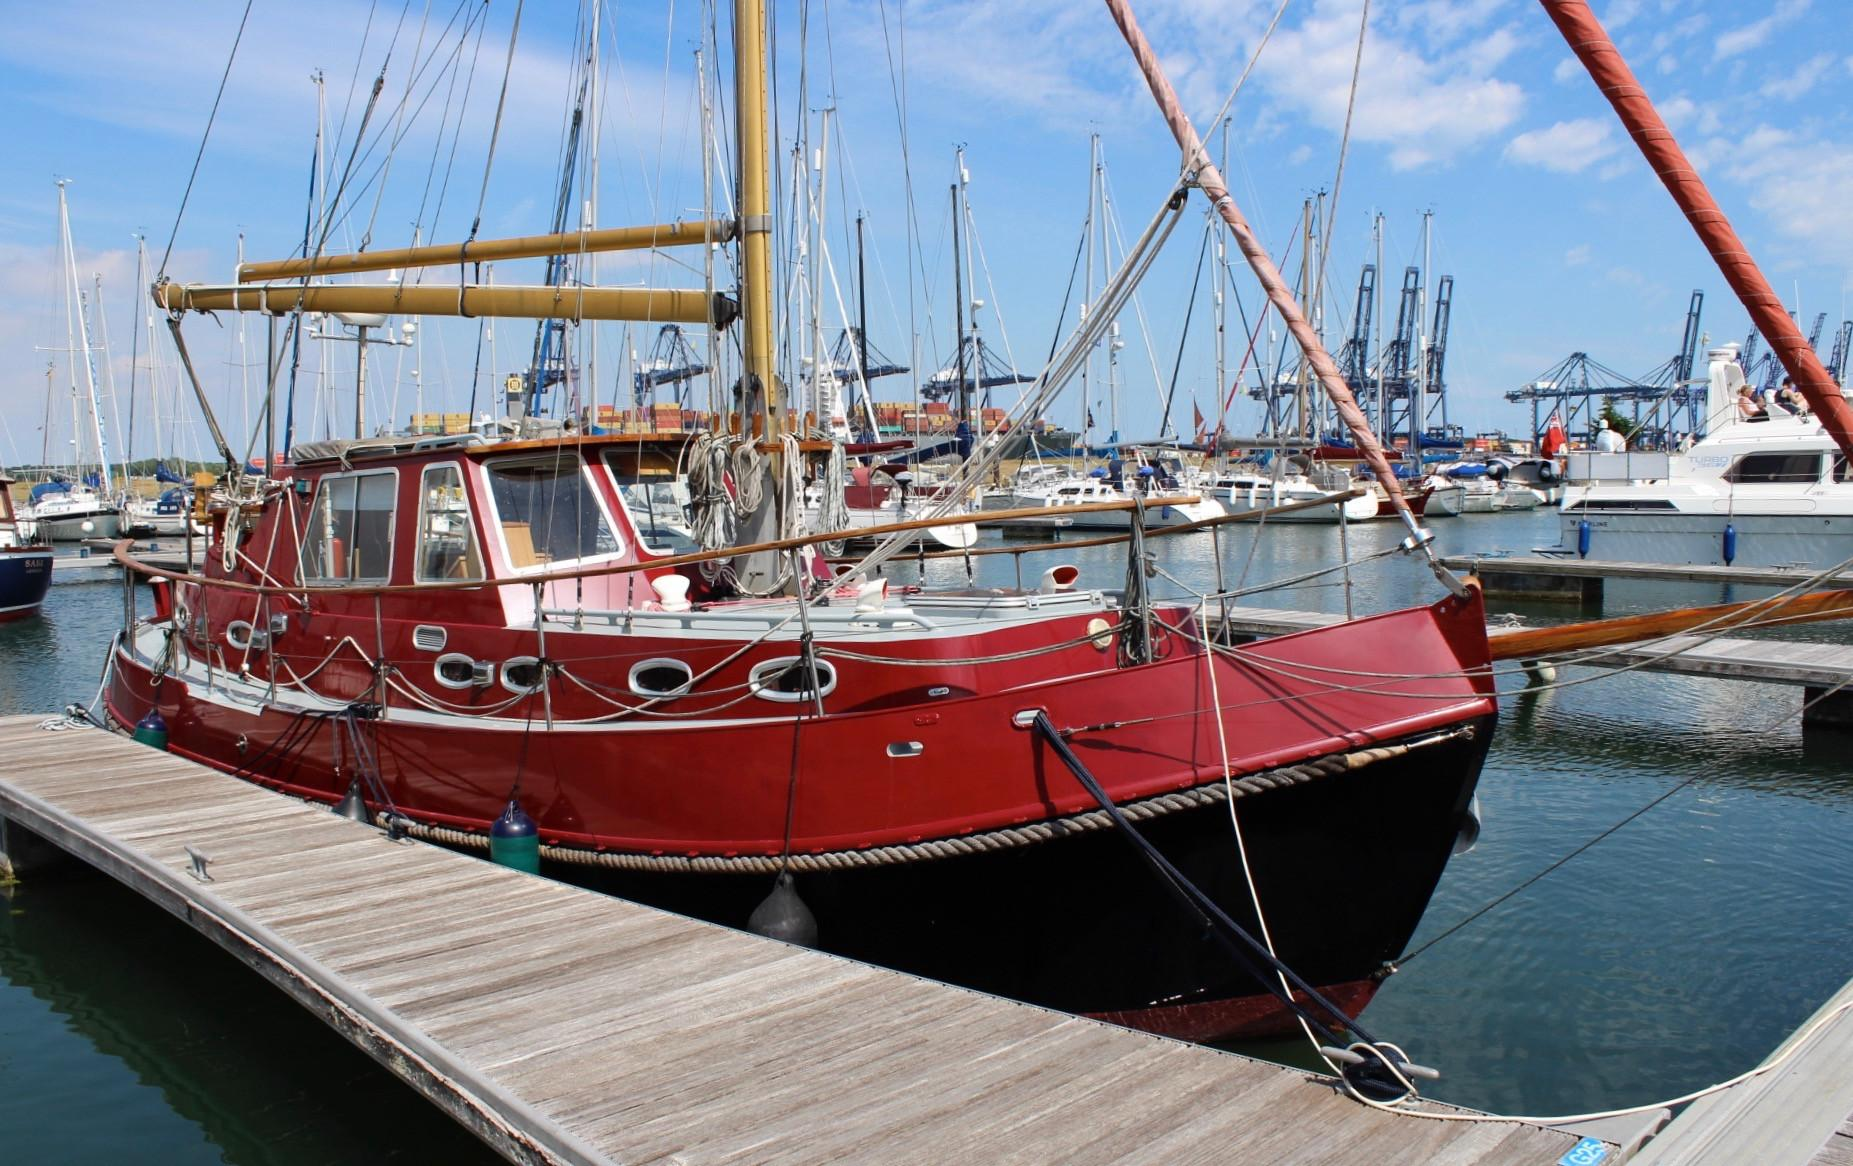 Peter Nicholls Steelboats Huffler 35 Steel Gaff Cutter